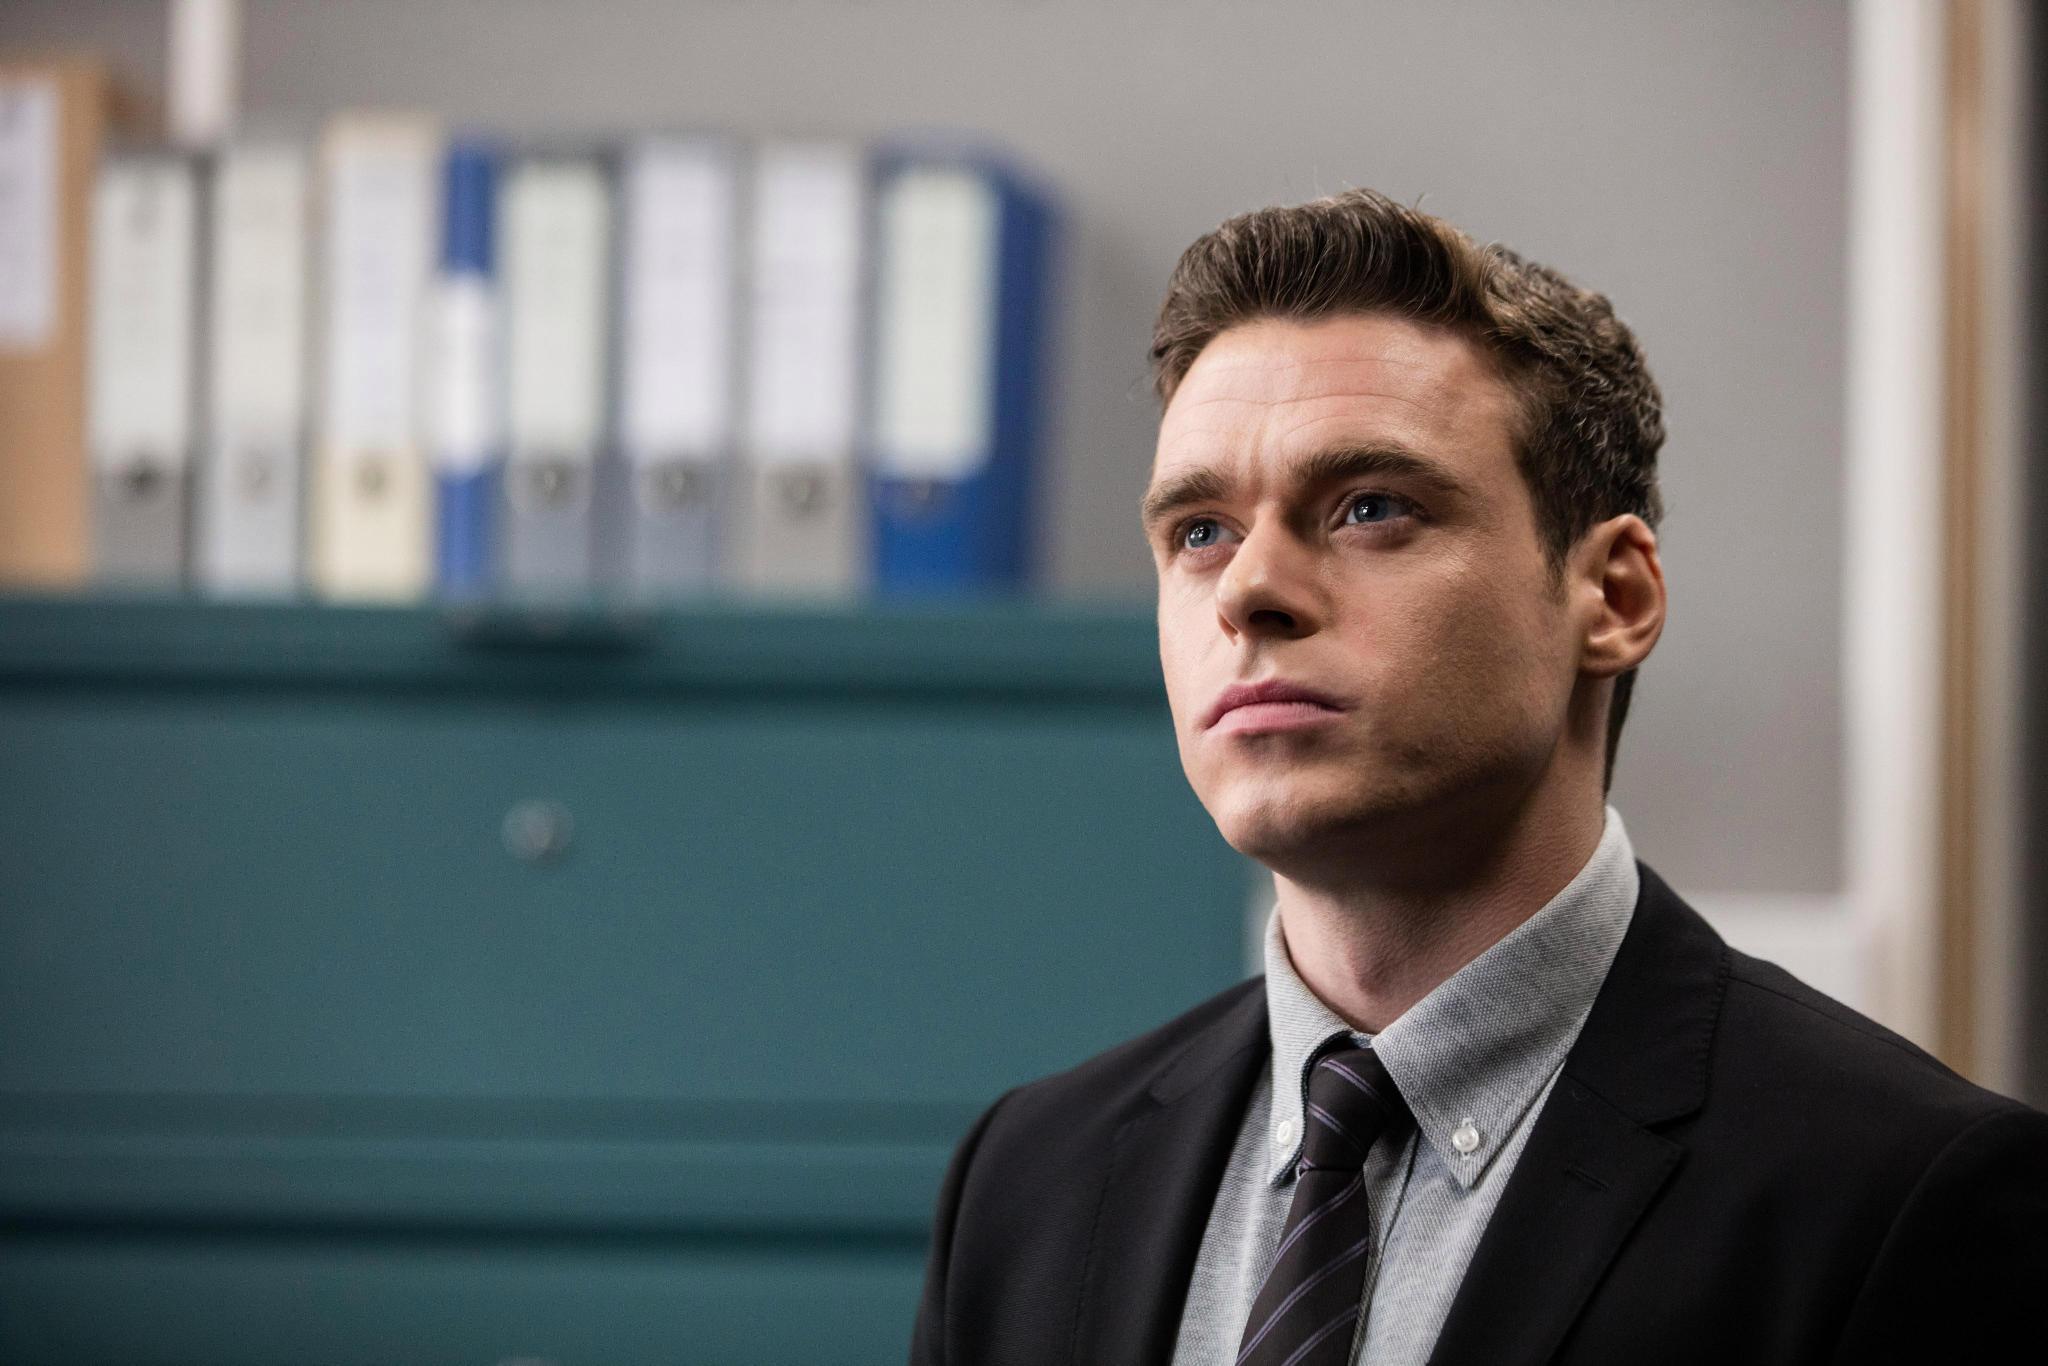 Vinner - Beste mannlige skuespiller i en dramaserie